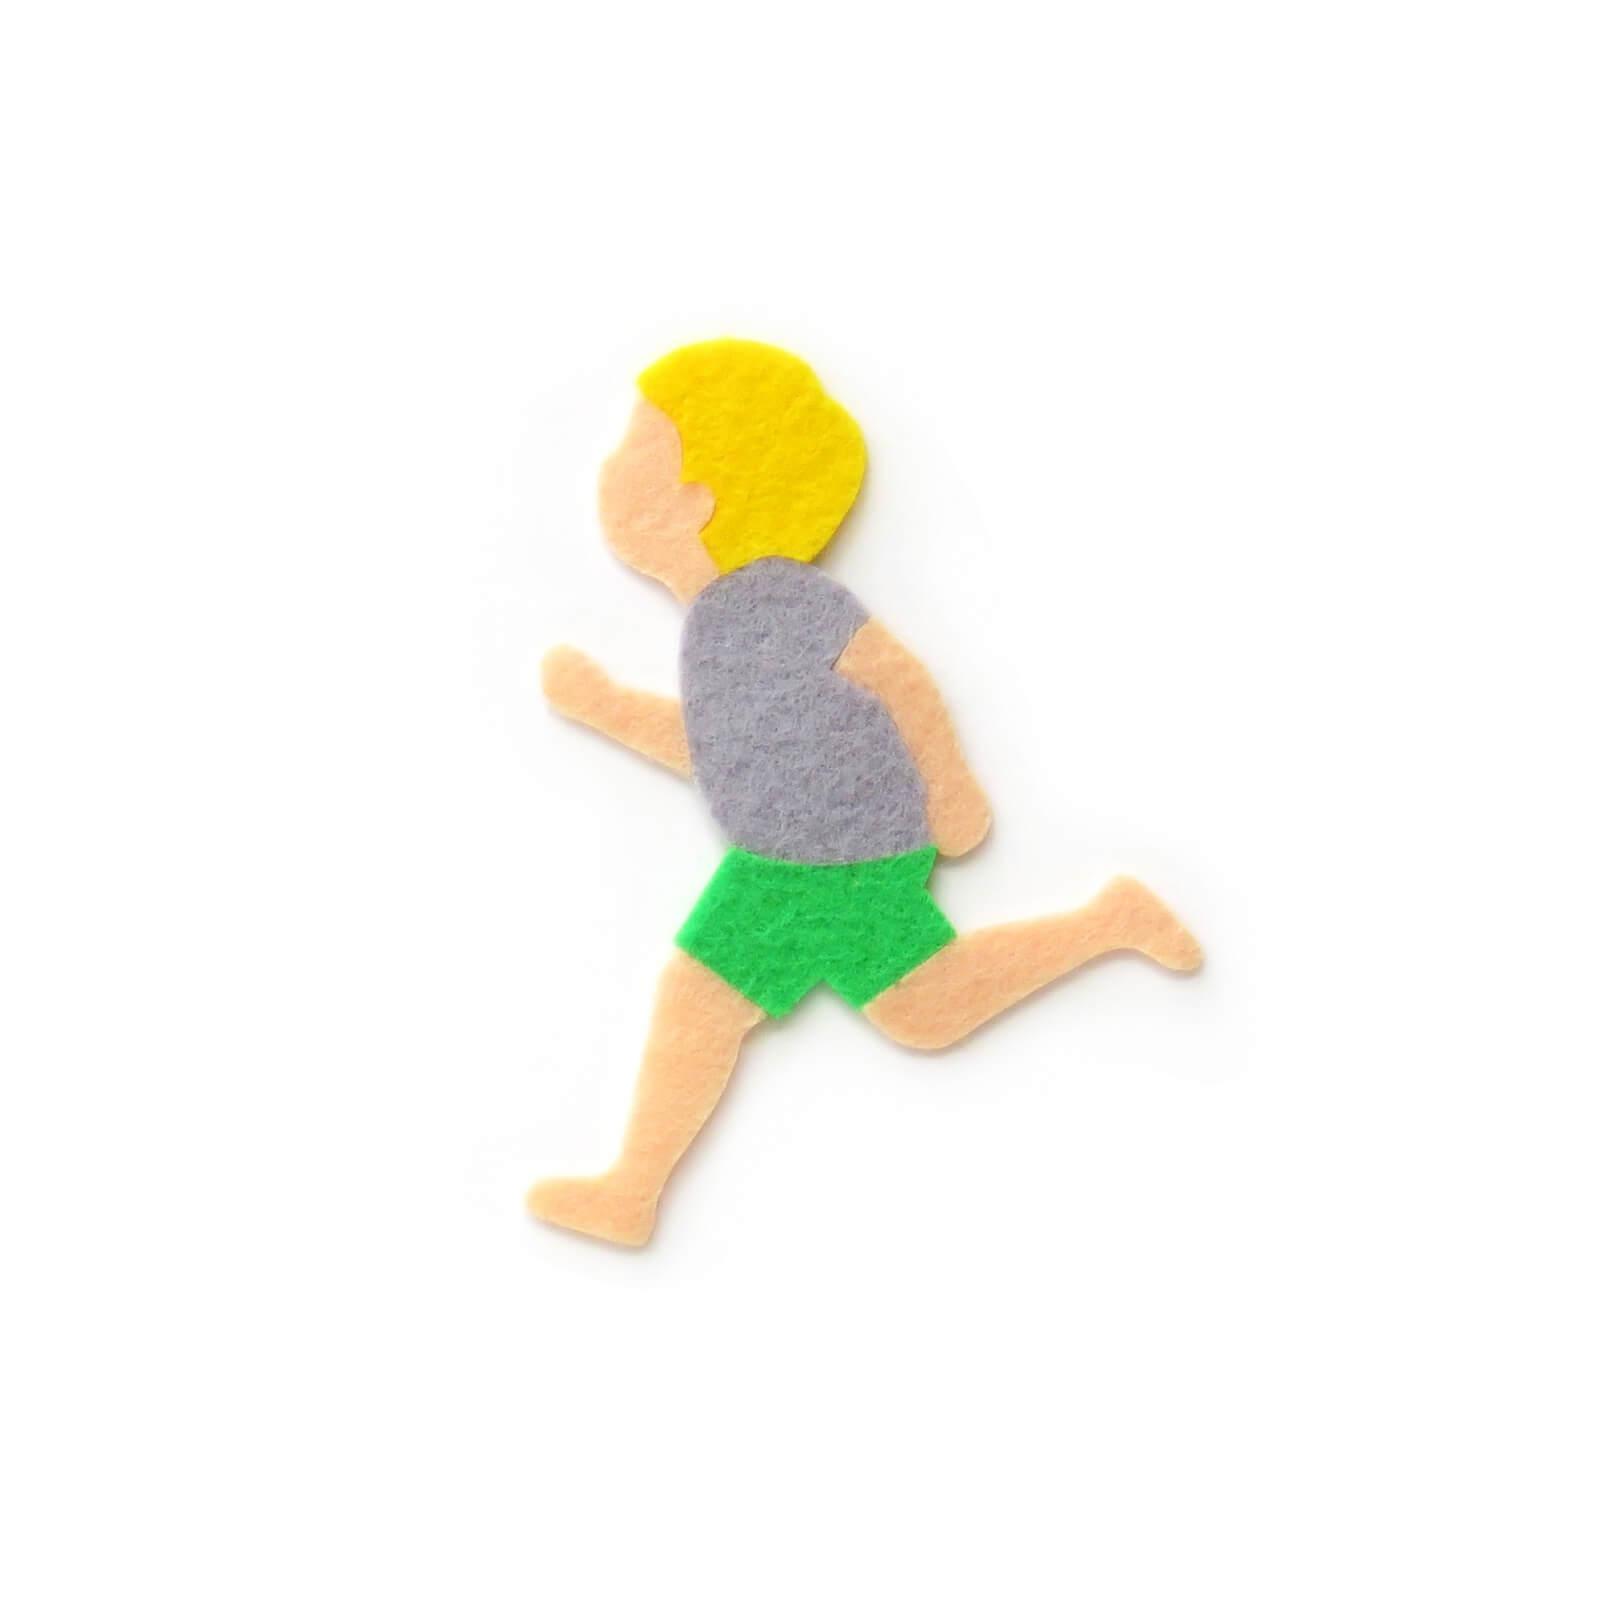 走る男の子のアップリケ(ワッペン)